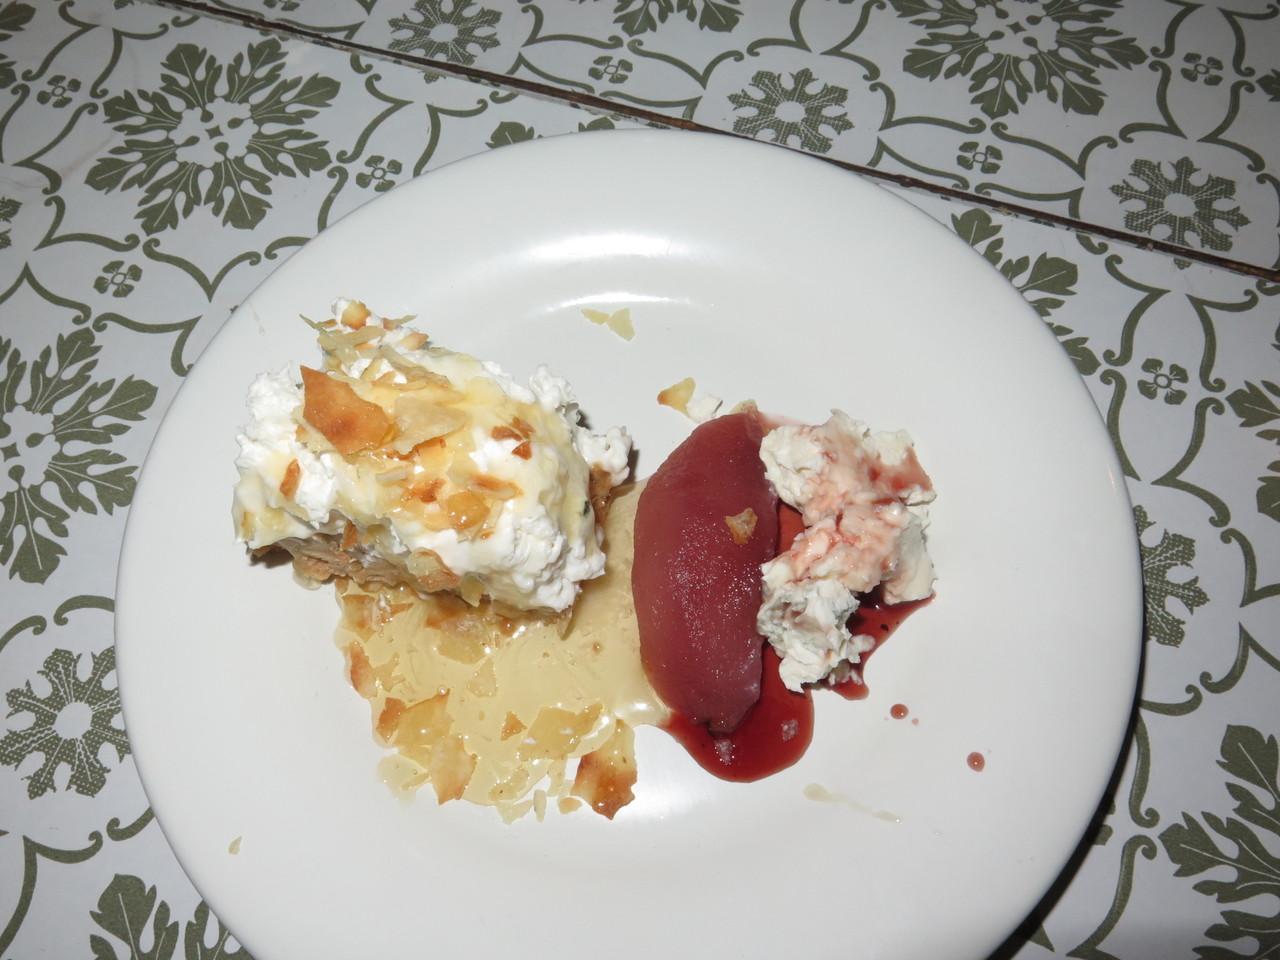 Torta di Mascarpone e pane carasau + Pere cotta con Gorgonzola e noci